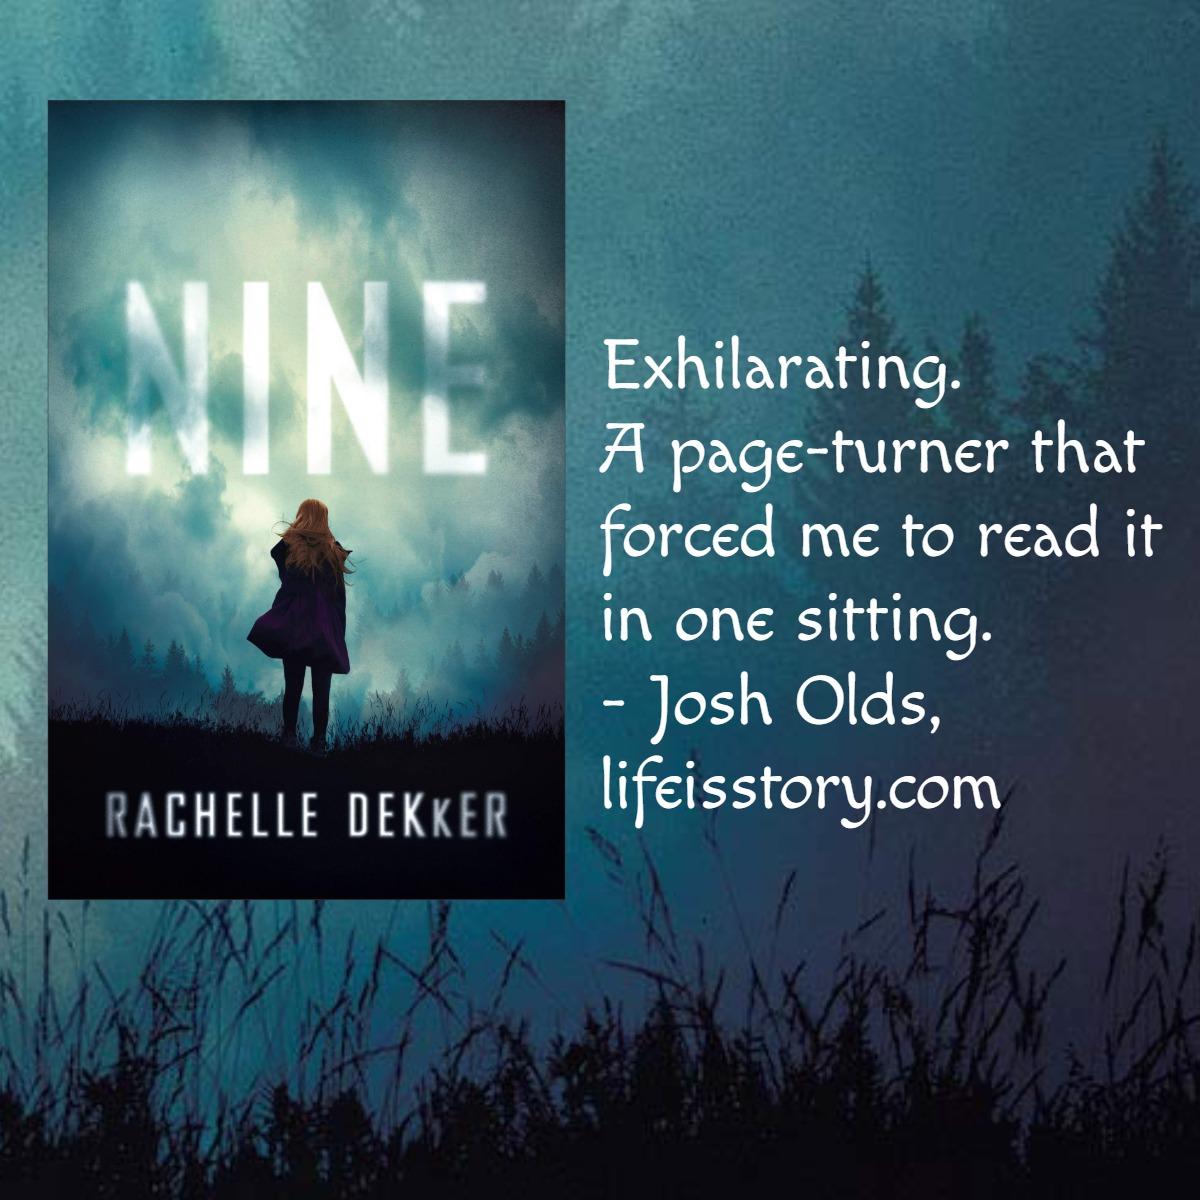 Nine Rachelle Dekker IG